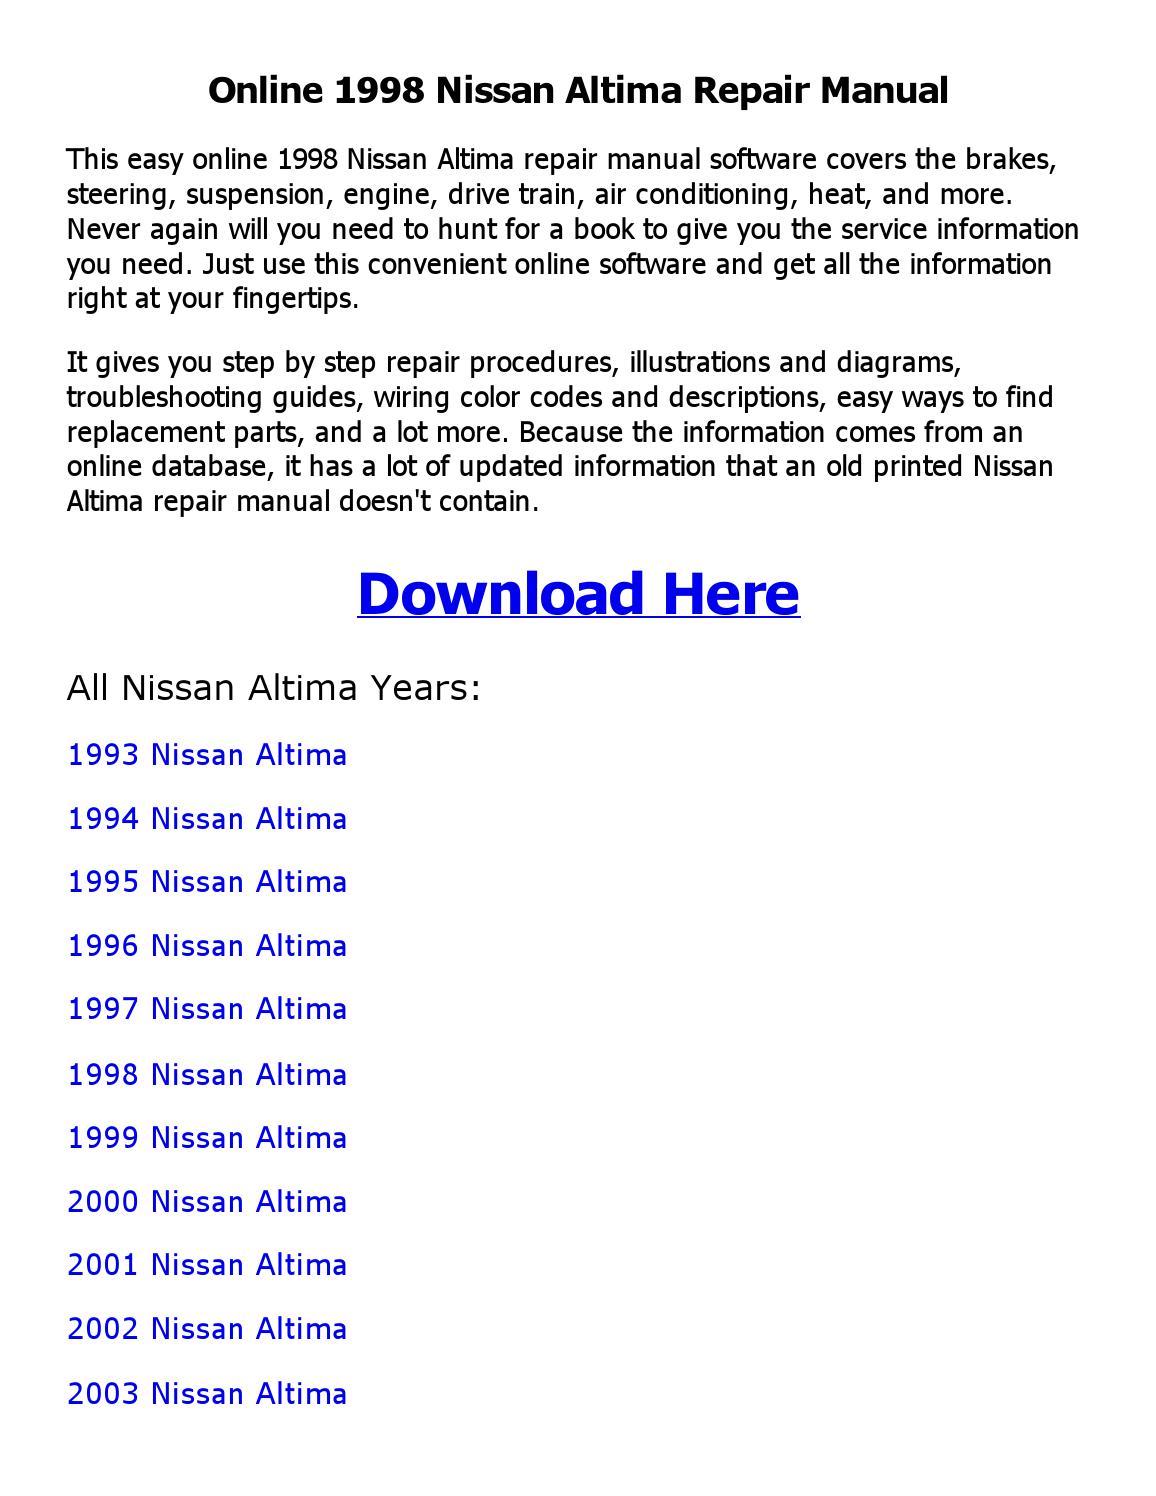 Wrg-7069] 1998 nissan altima repair manual | 2019 ebook library.